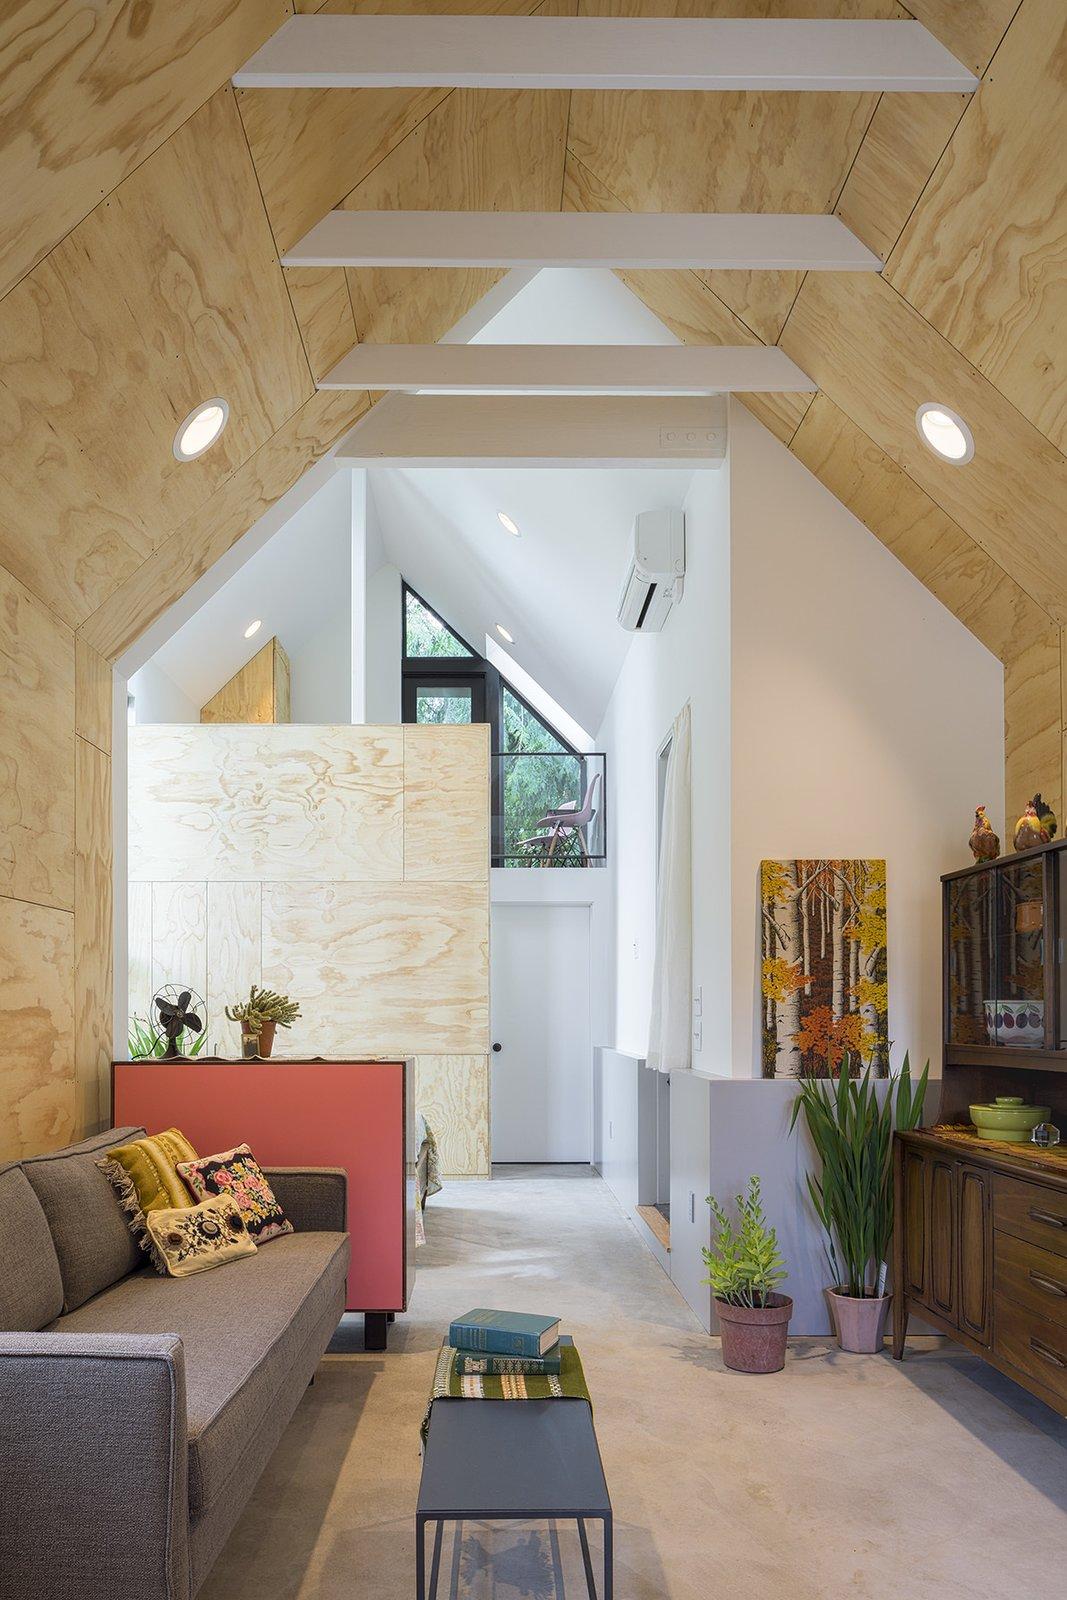 ADU-Future Home Design